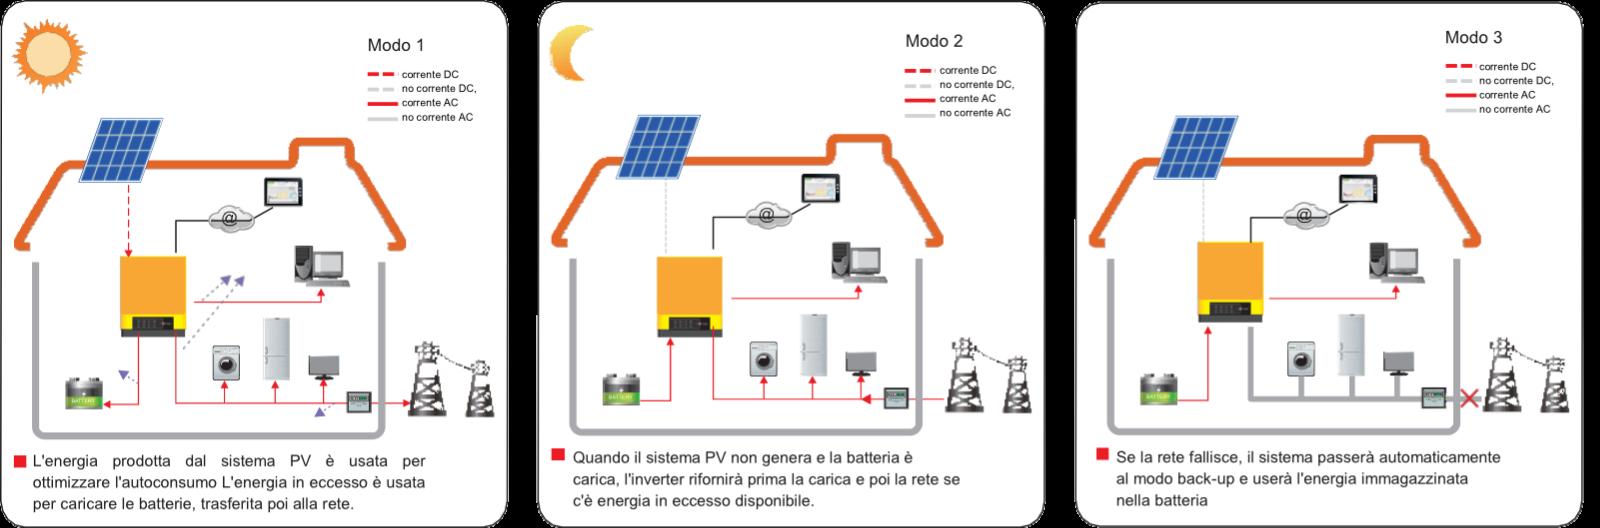 Impianti fotovoltaici Linea Future - Schema base di funzionamento